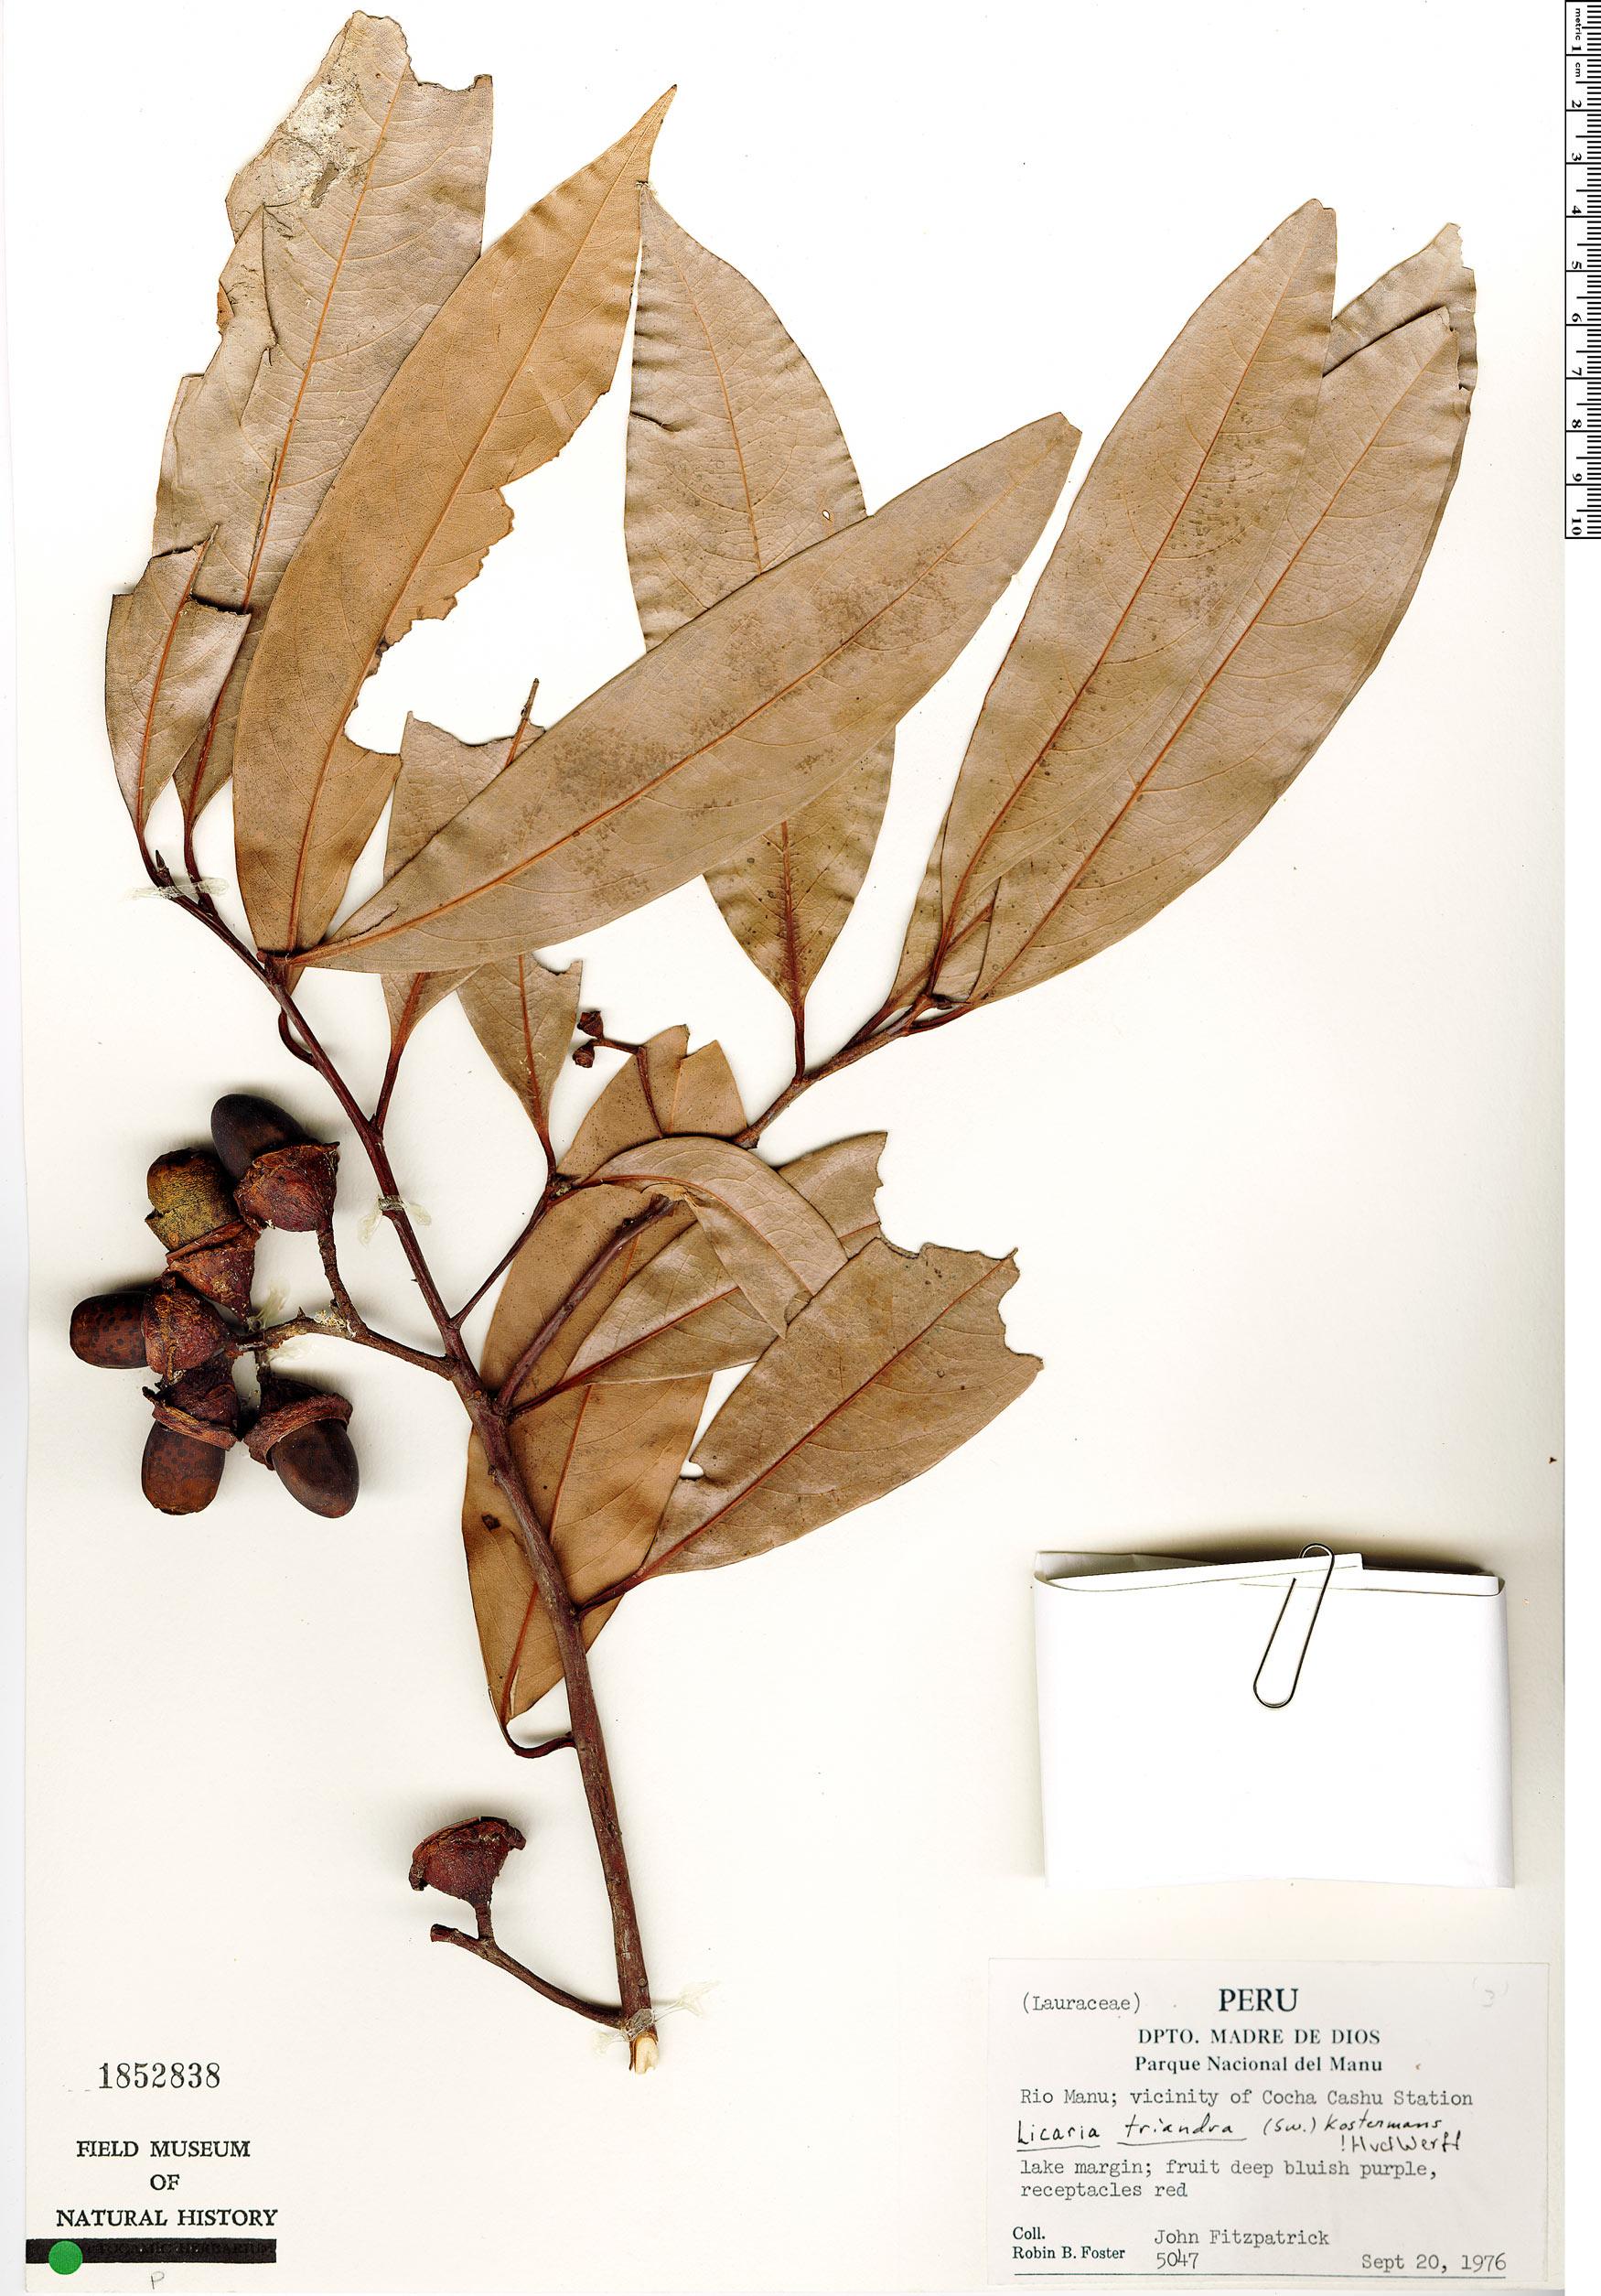 Specimen: Licaria triandra